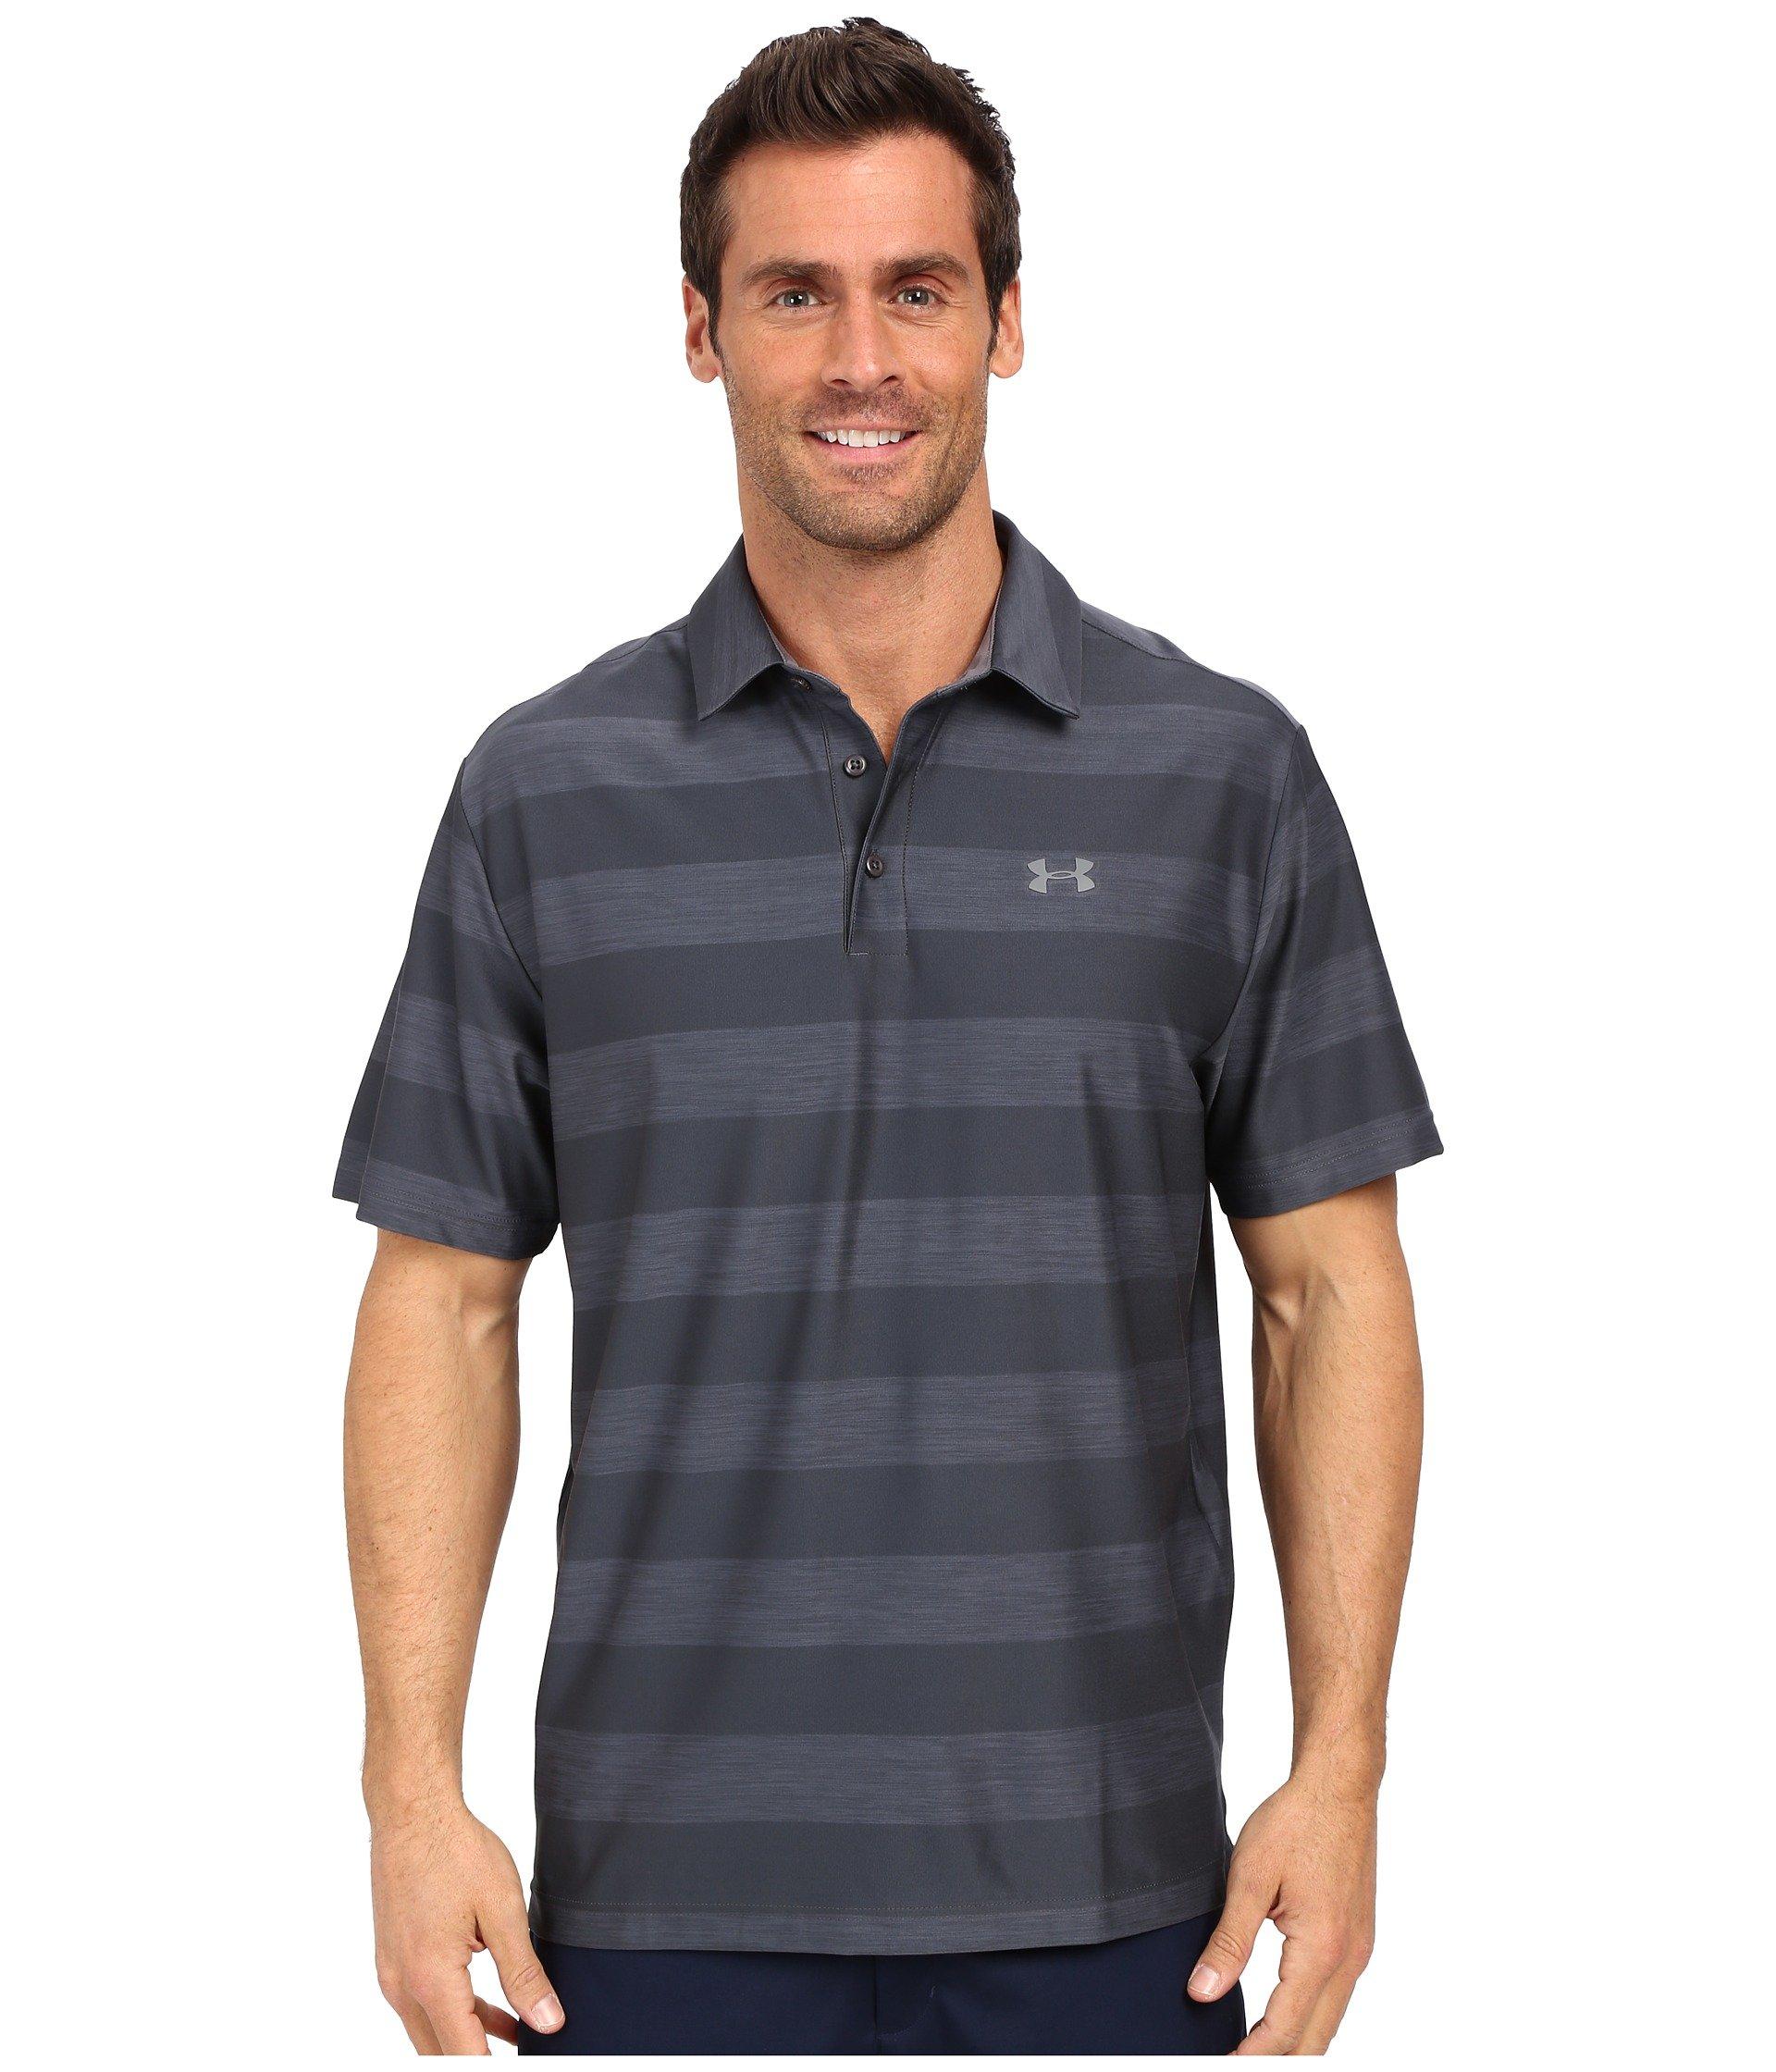 Camiseta Tipo Polo para Hombre Under Armour UA Playoff Polo  + Under Armour en VeoyCompro.net